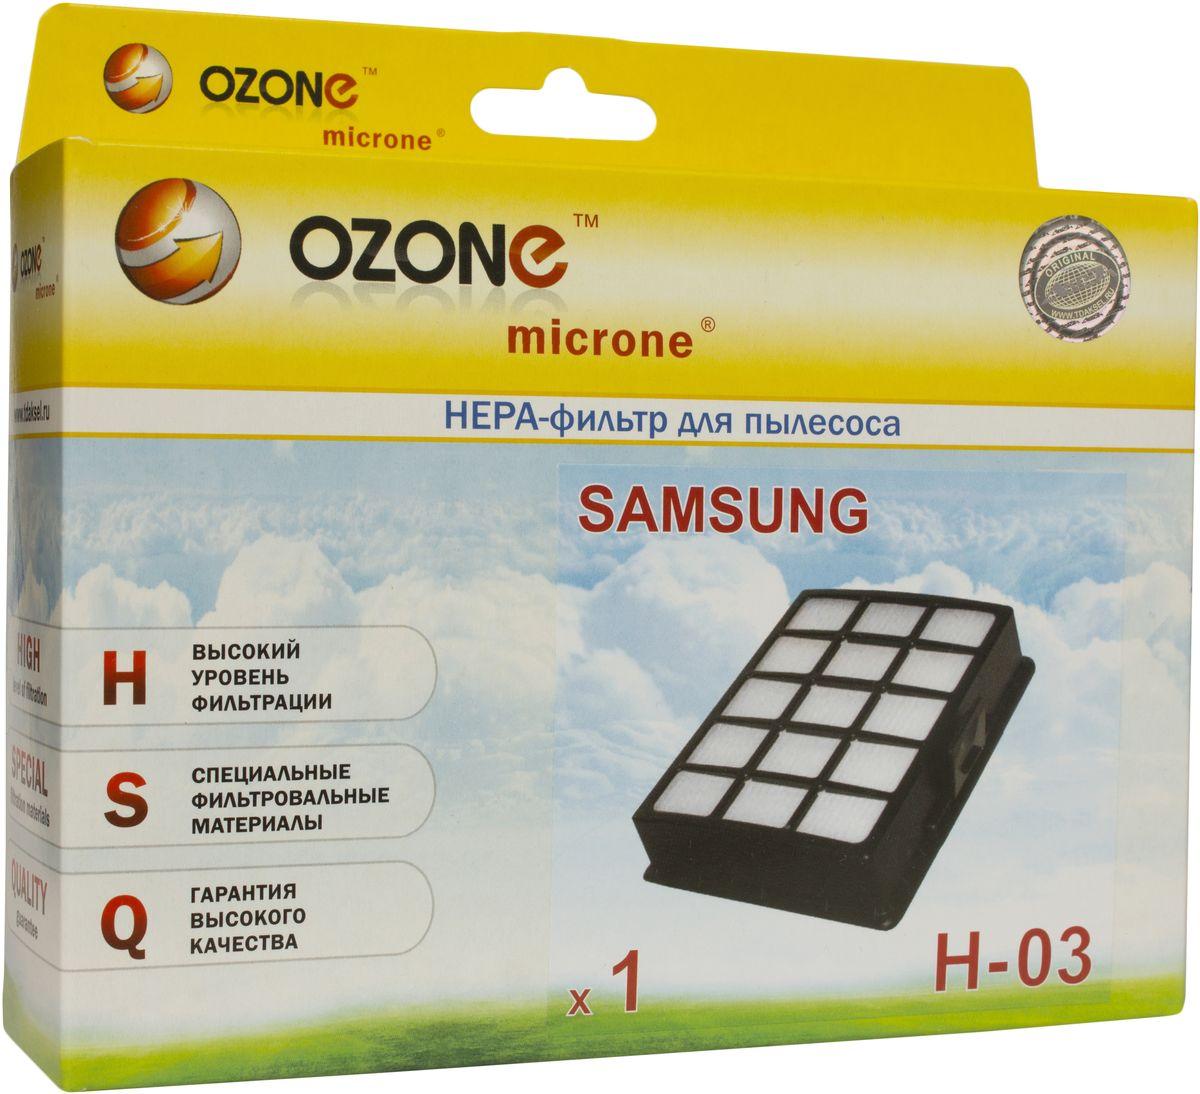 Ozone H-03 HEPA фильтр для пылесоса SamsungH-03HEPA фильтр Ozone microne H-03 высокоэффективной очистки предназначен для завершающей очистки воздуха в помещении, которое требует высокое качество воздуха, например, медицинских помещений. Фильтр состоит из мелкопористых материалов, что служит эффективному задерживанию частиц размером до 0,3 мкм. Фильтры HEPA последнего поколения имеют степень очистки воздуха около 95-97%. Фильтры не подлежат к промывке, а значит, они являются одноразовыми.